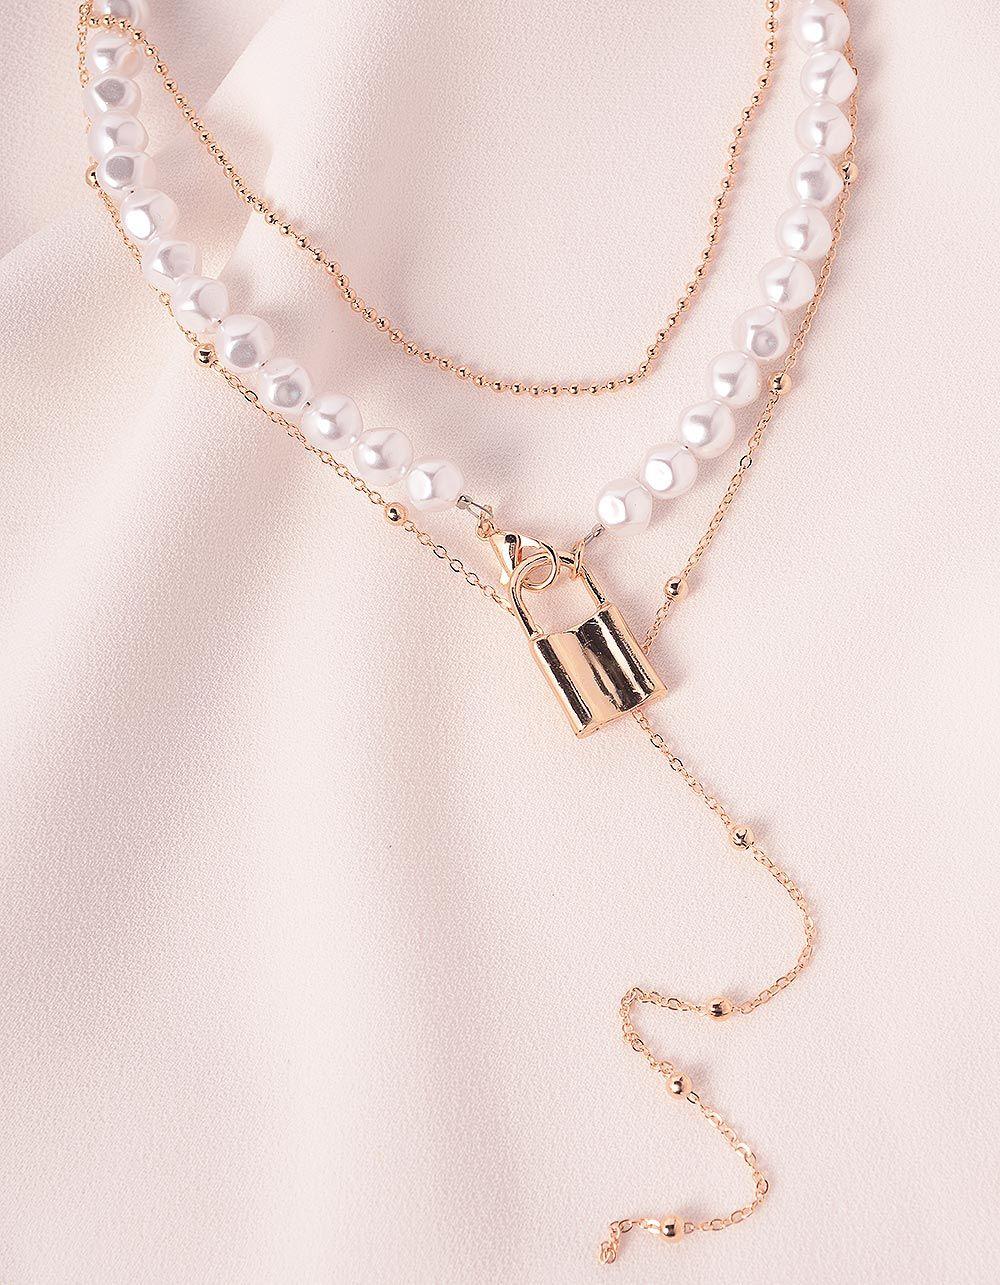 Підвіска кольє із перлин з кулоном у вигляді замка | 239712-08-XX